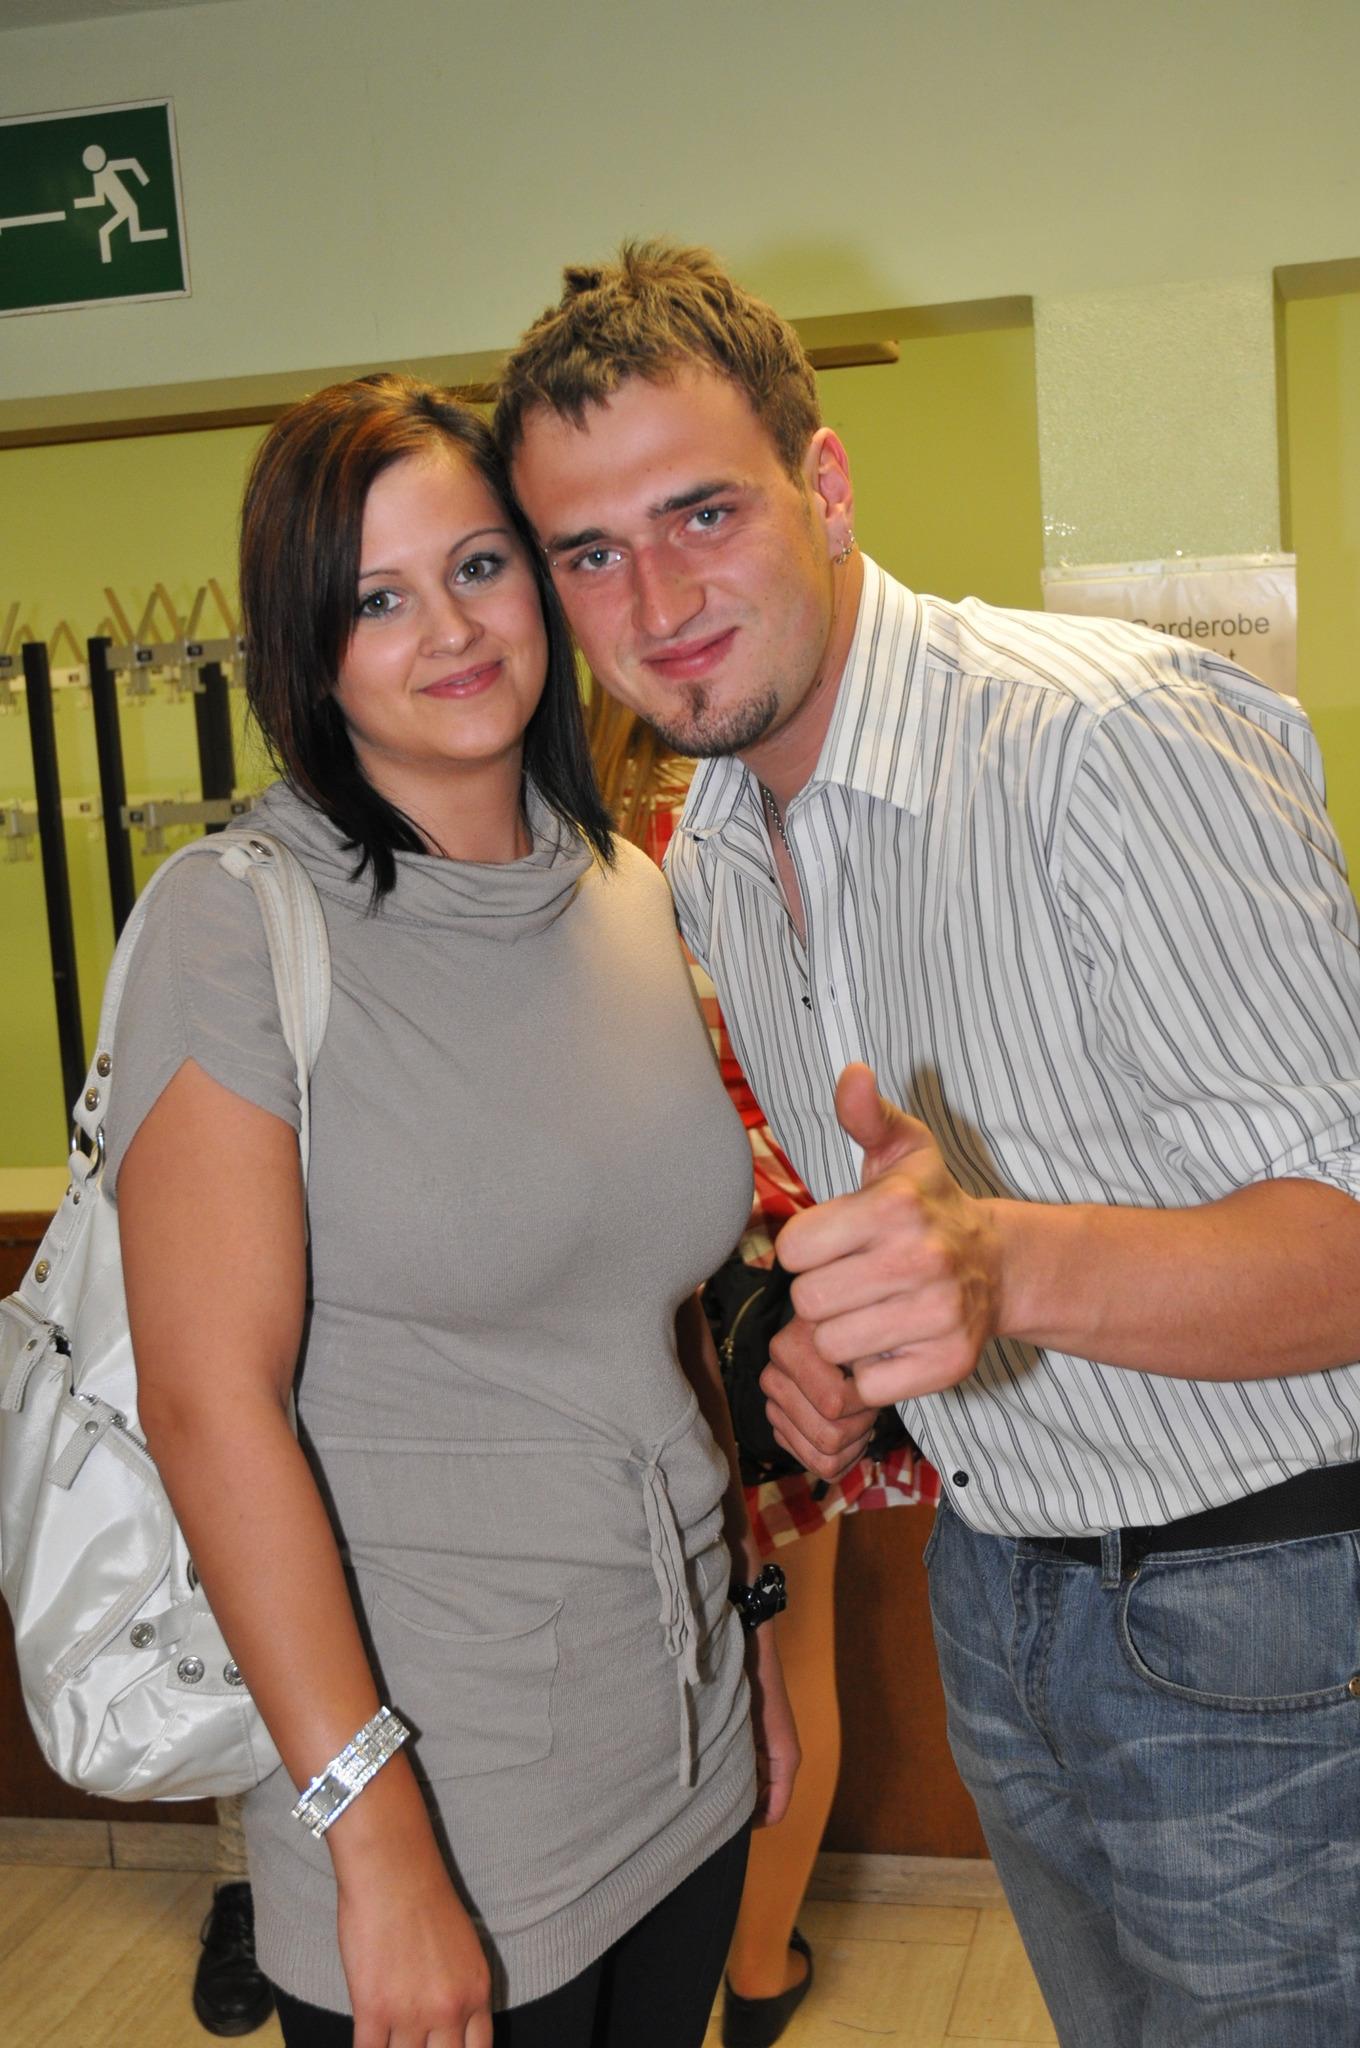 Spital am pyhrn single umgebung - Frau kennenlernen in